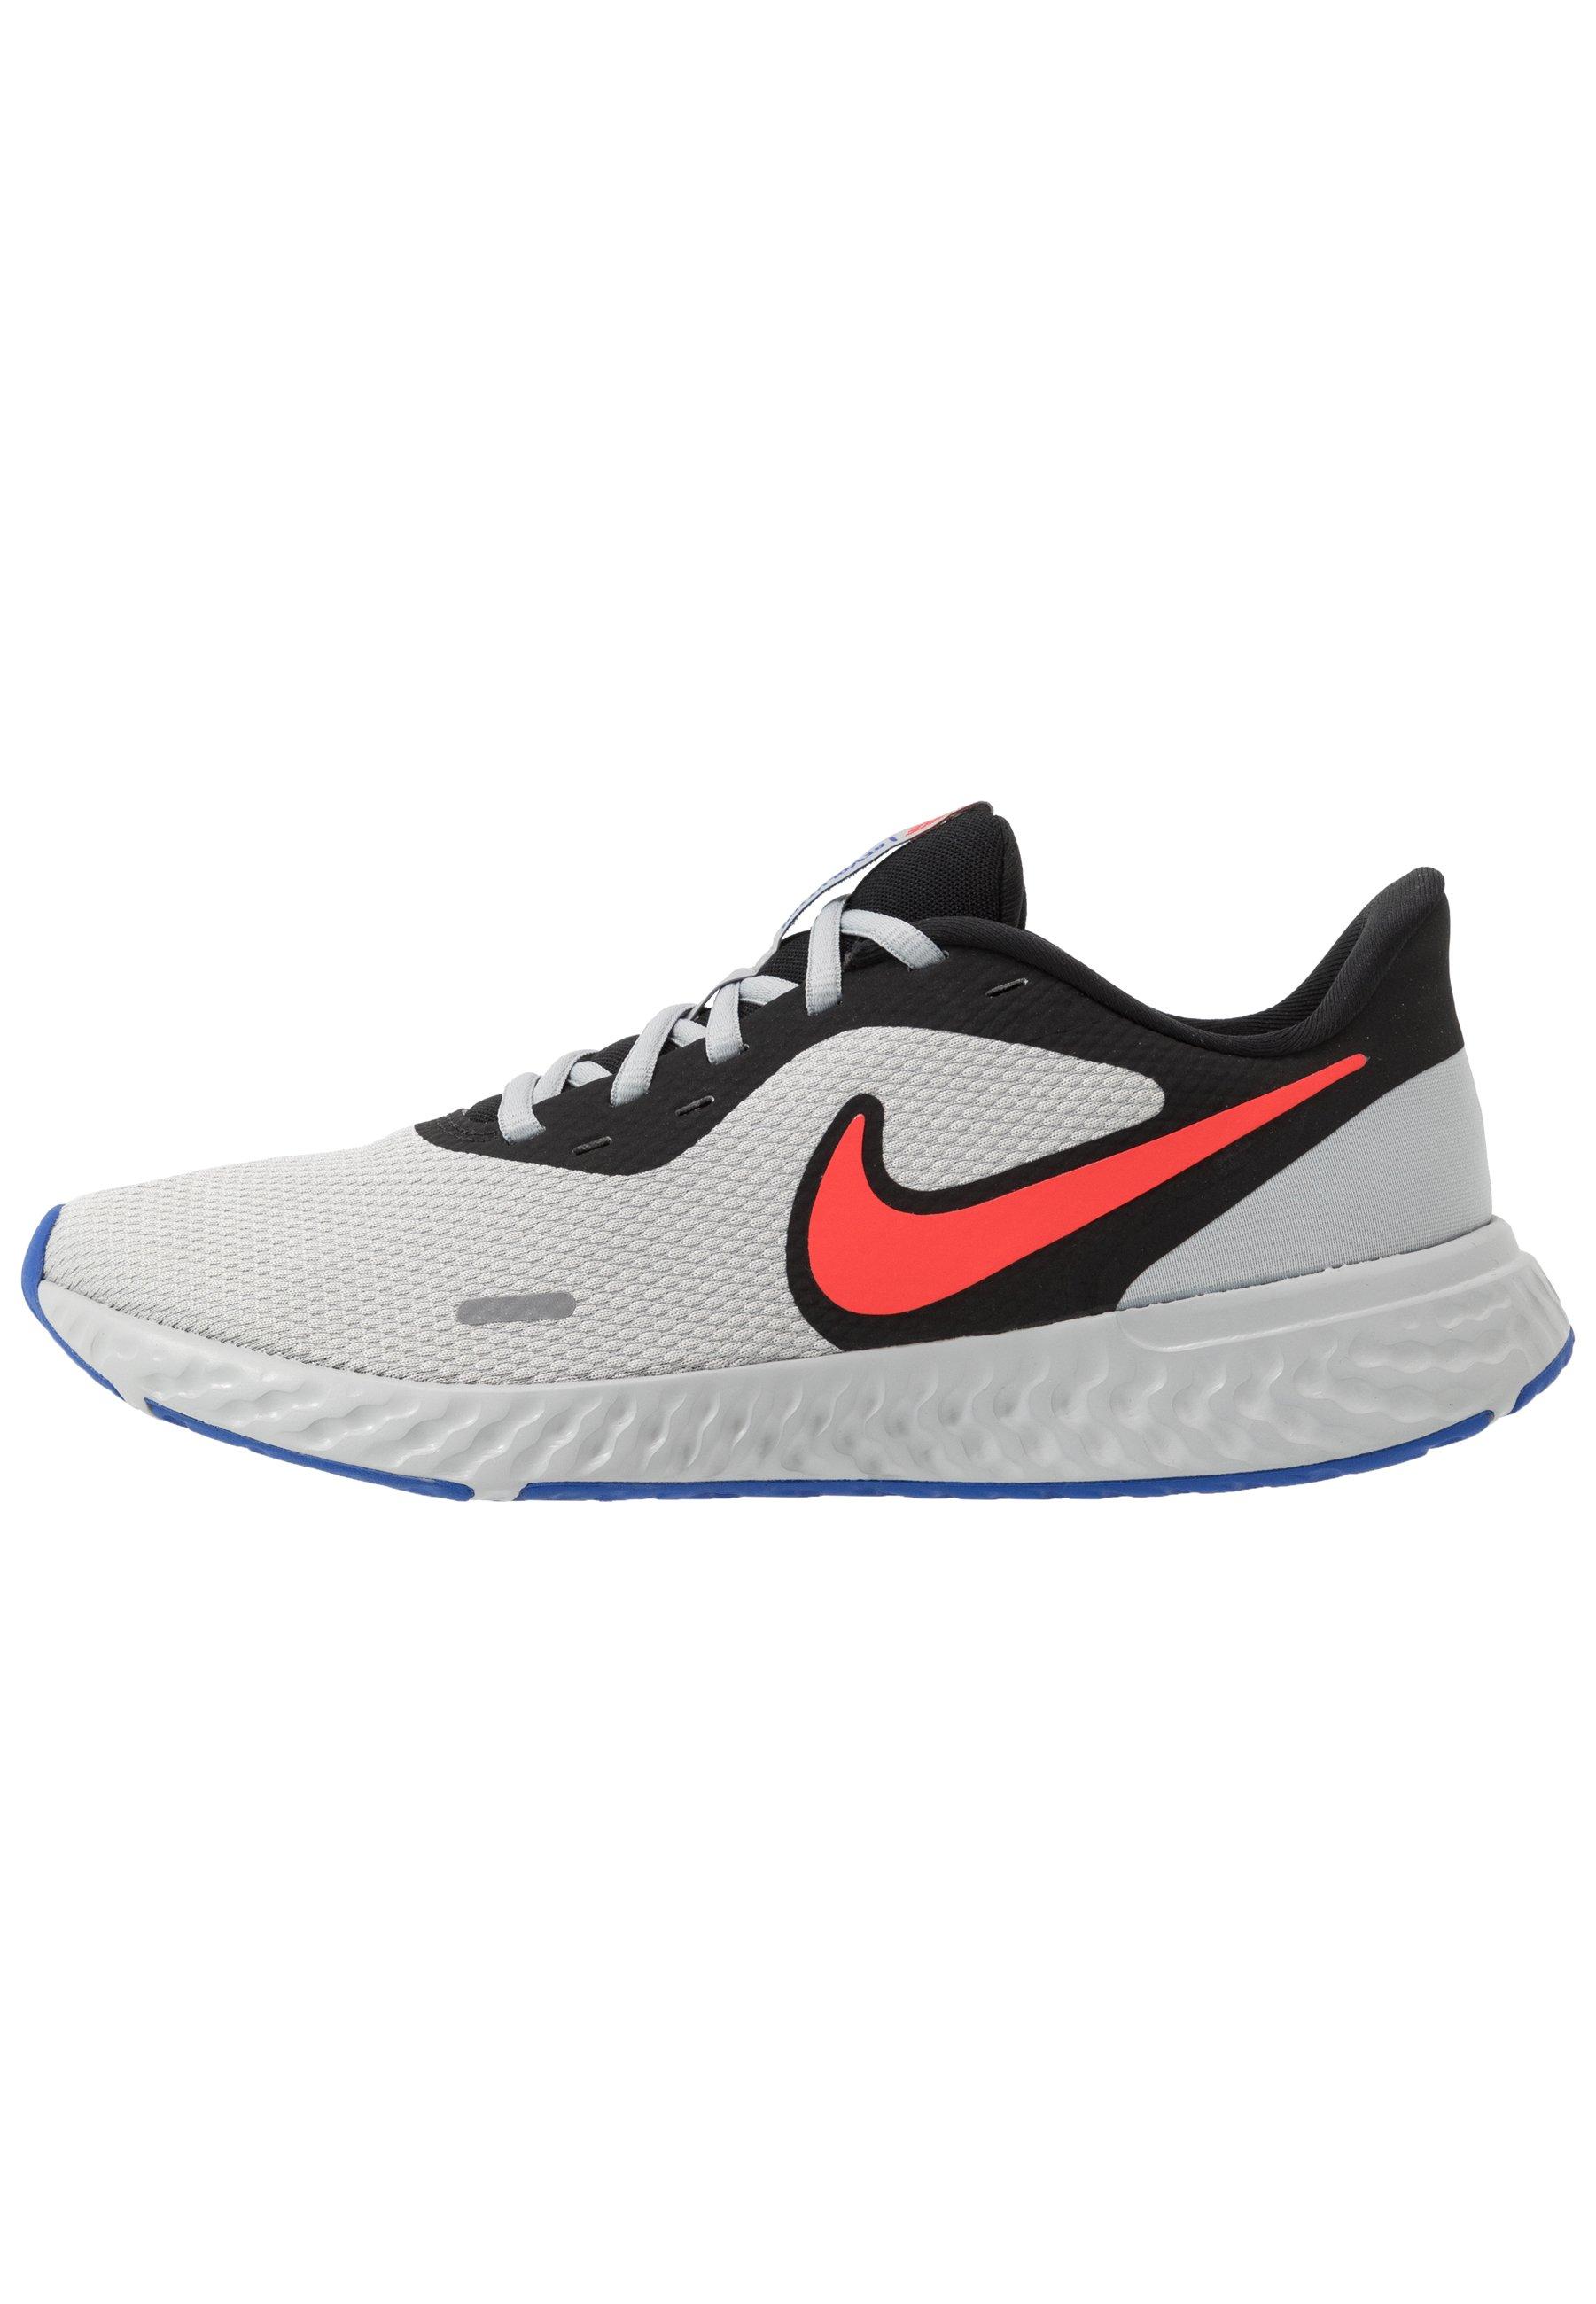 Zapatillas deportivas Nike de hombre | Comprar colección en ...